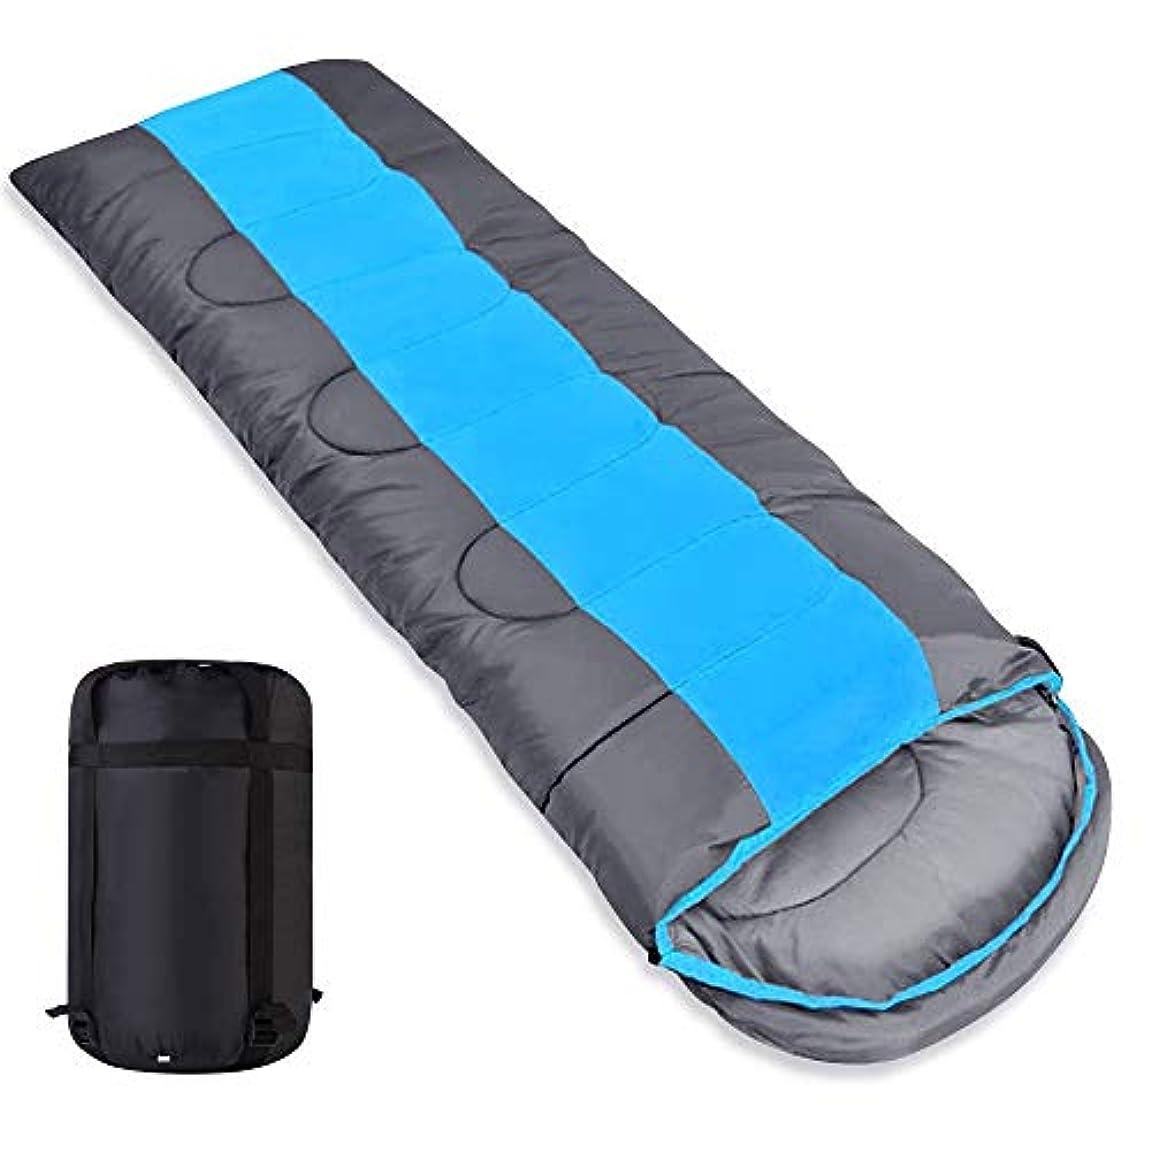 テキスト言い換えると注文ANBURT 寝袋 封筒型 コンパクト 防水 キャンプ 登山 車中泊 アウトドア 自宅 スリープバック 丸洗い 収納袋付き